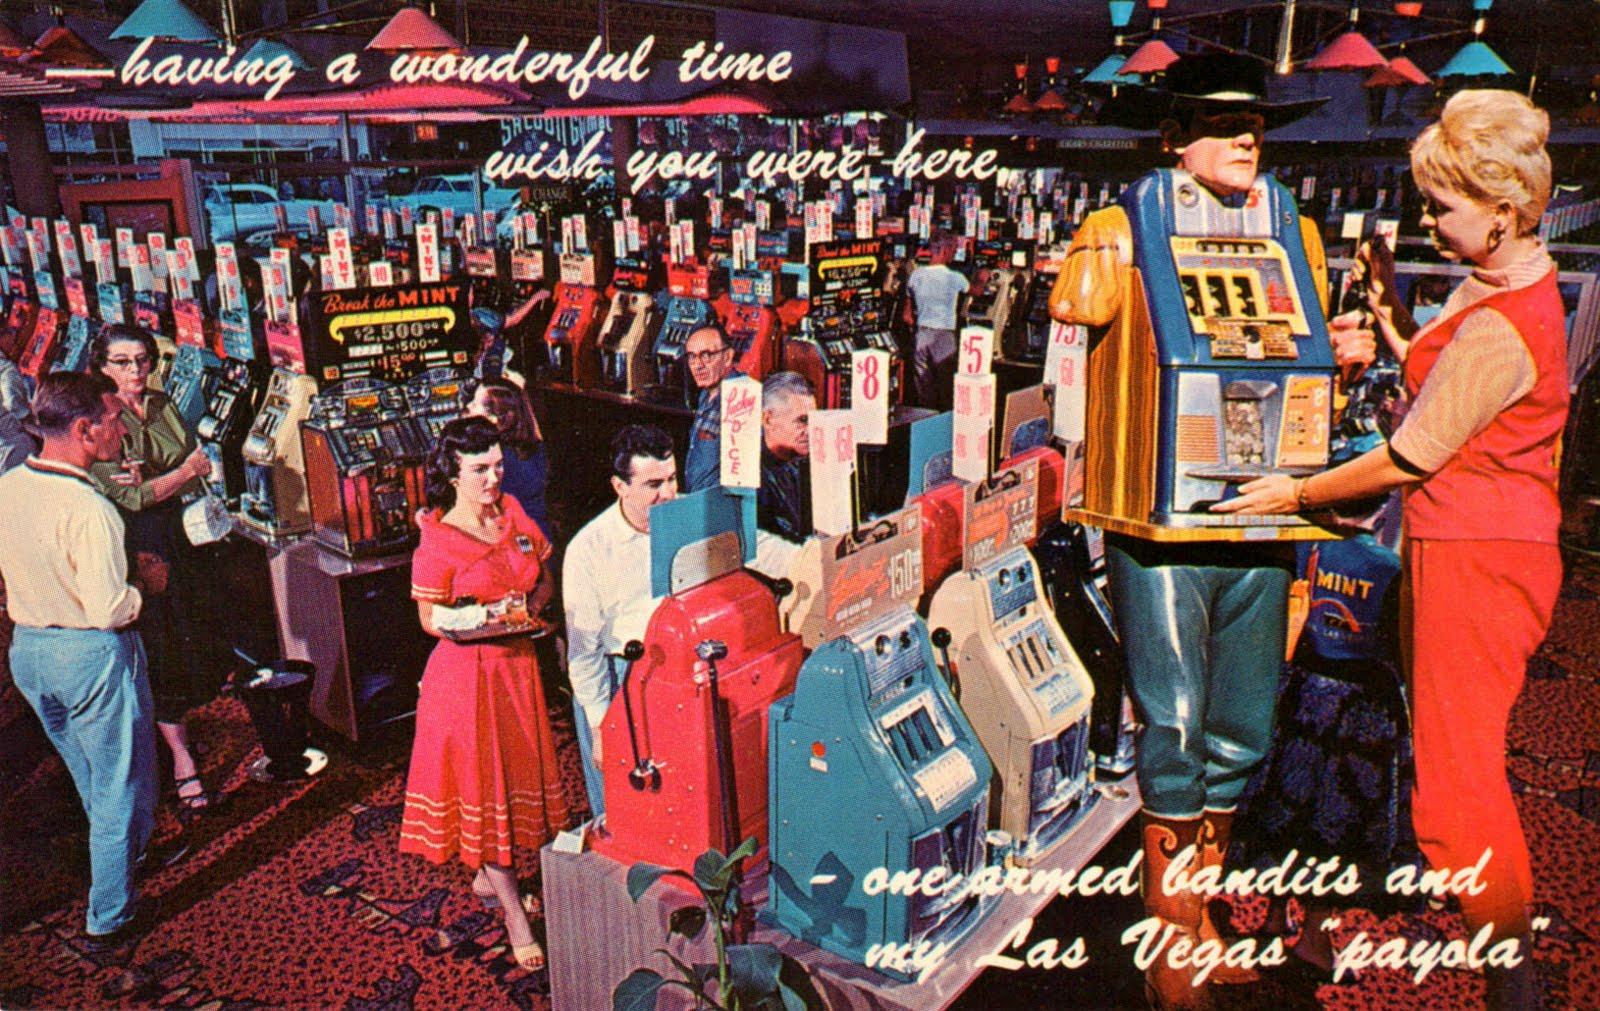 Vegas casino etiquette robert burian casino marcus schossow edit